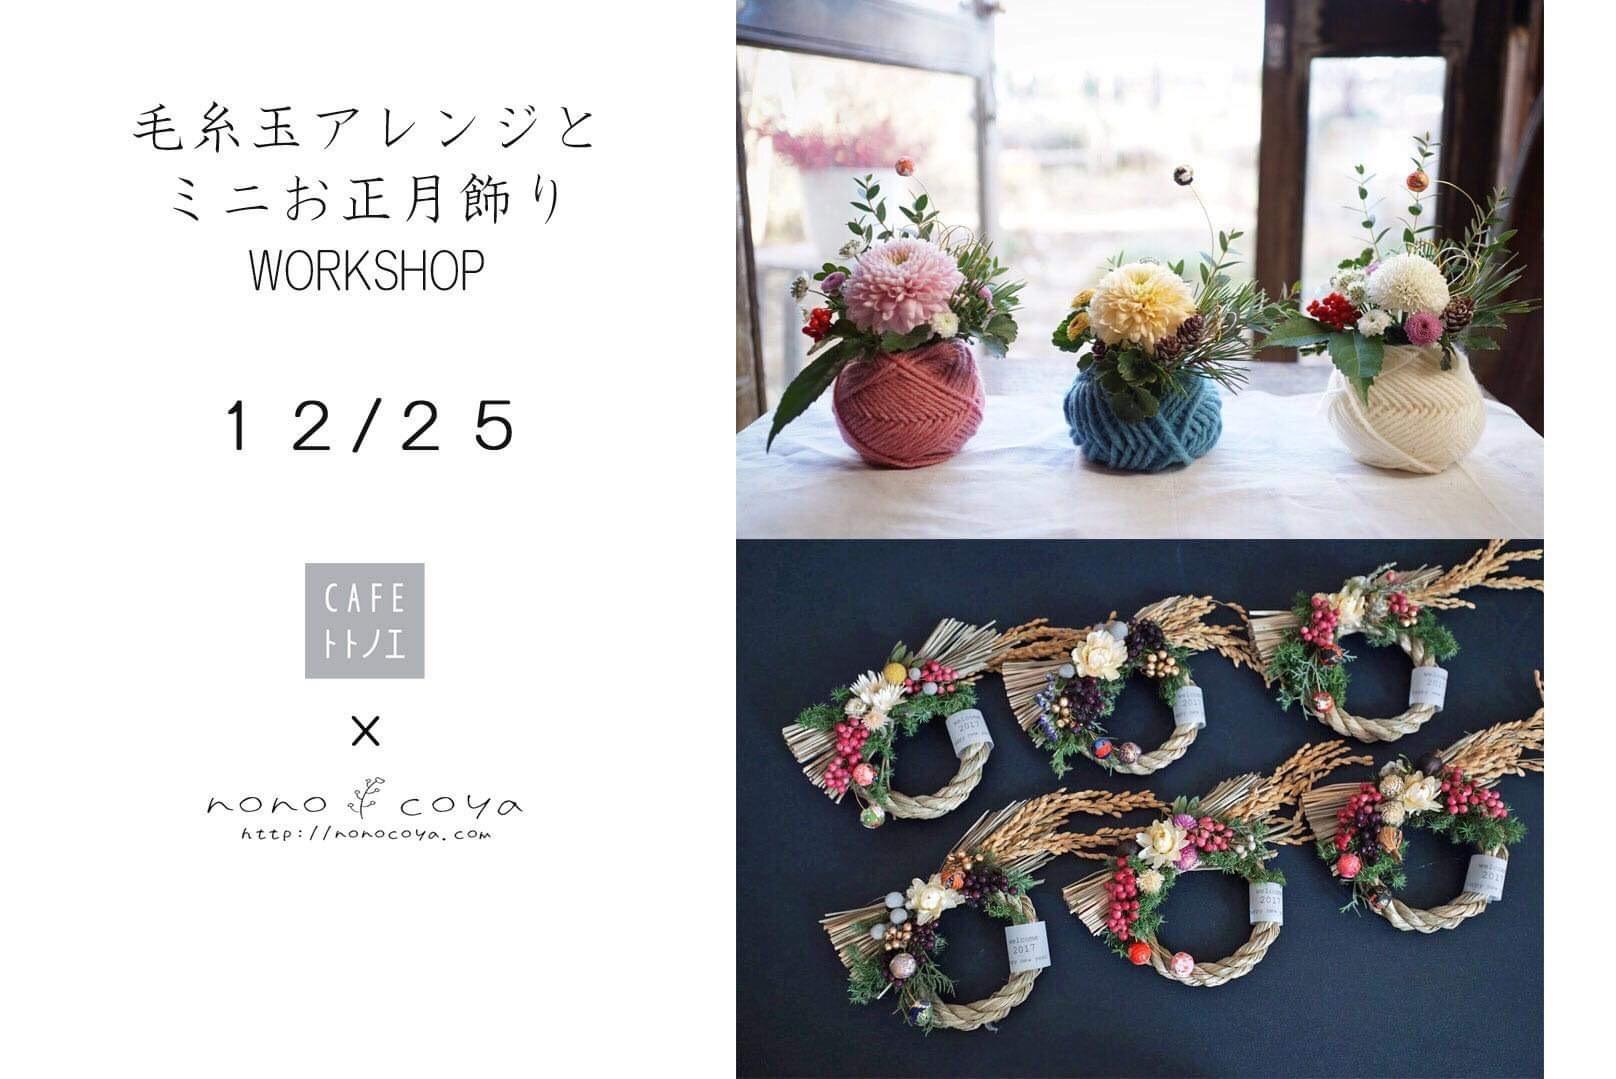 ののこやさんお正月飾りワークショップ_a0325273_01204919.jpg